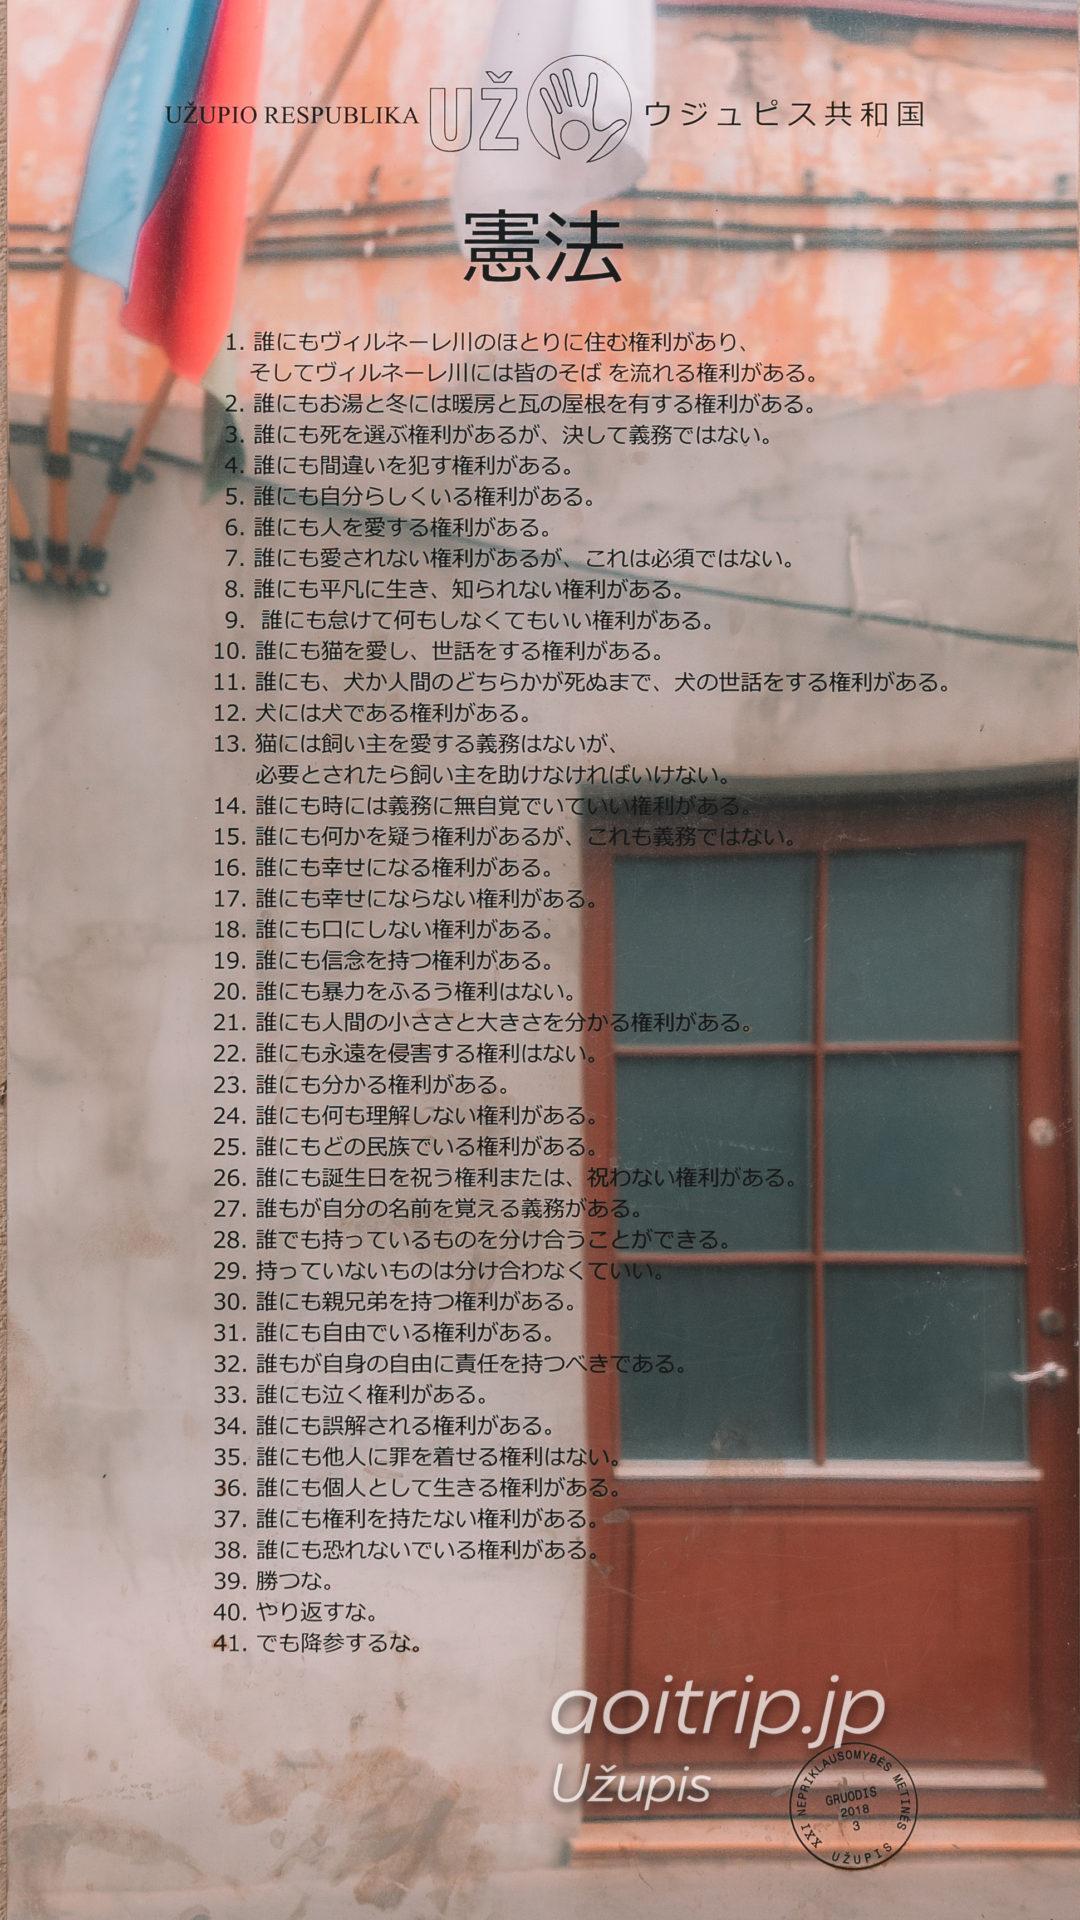 ウジュピス共和国憲法(日本語)